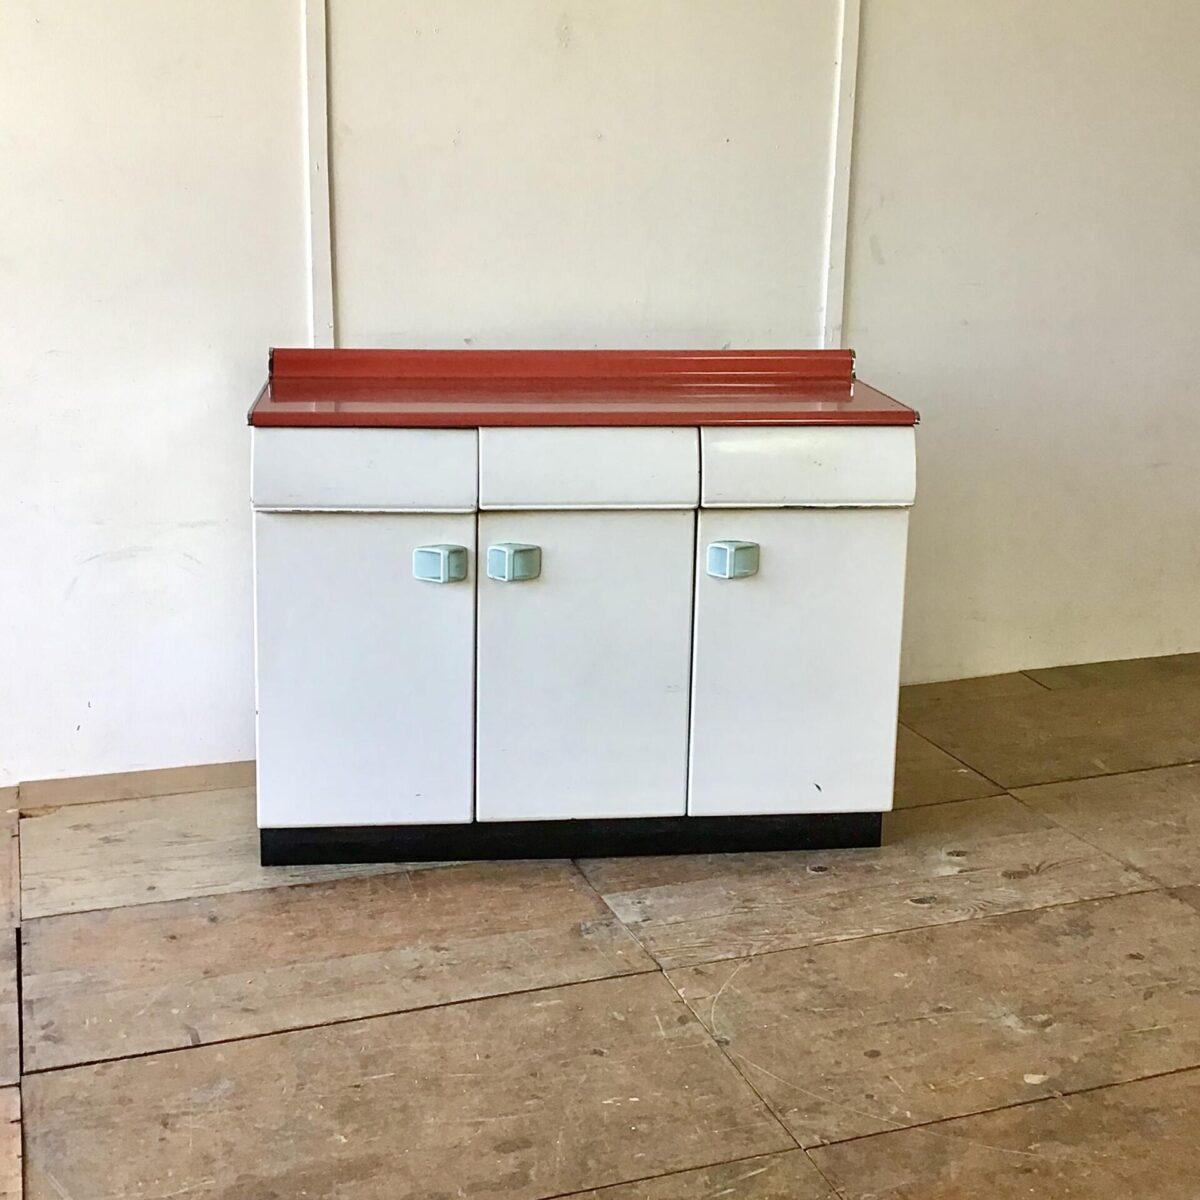 Vintage metall küchenmöbel. 121.5cm mal 47.5cm höhe 89cm. Arbeitstisch sideboard theke. Italienischer Küchenschrank mit Türe, Tablar und schubladen